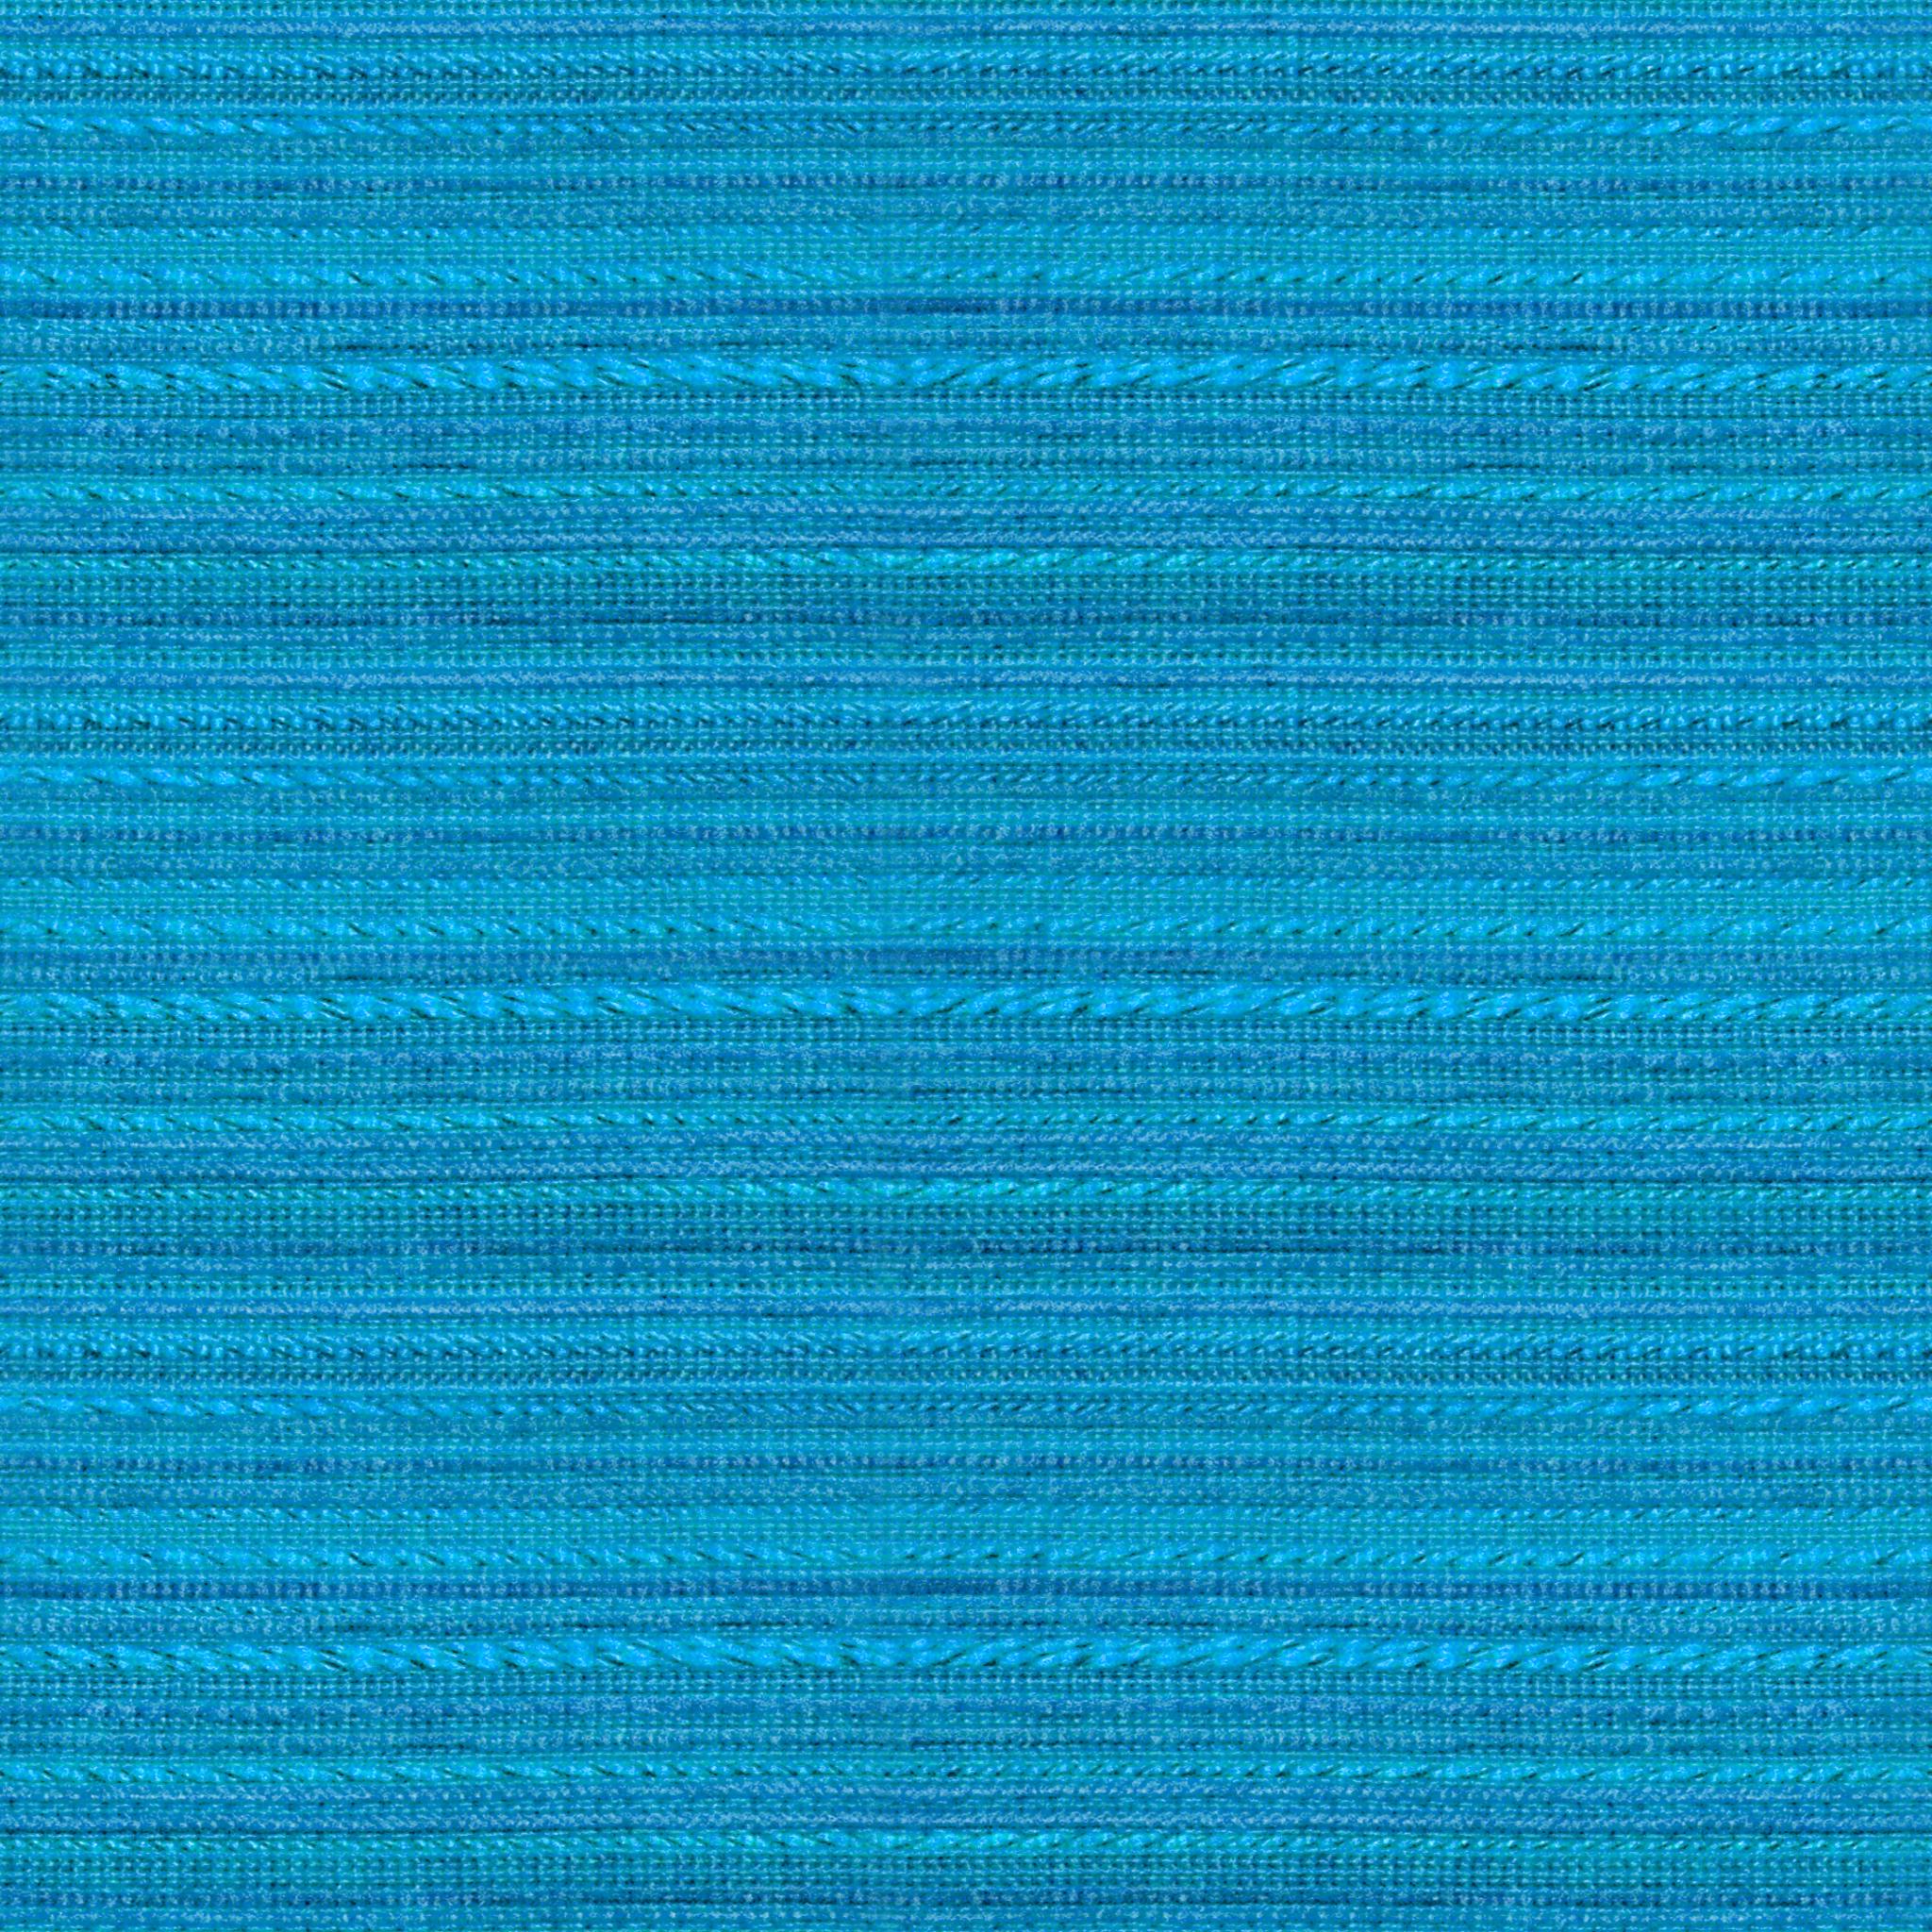 Blue Variable Weave.jpg